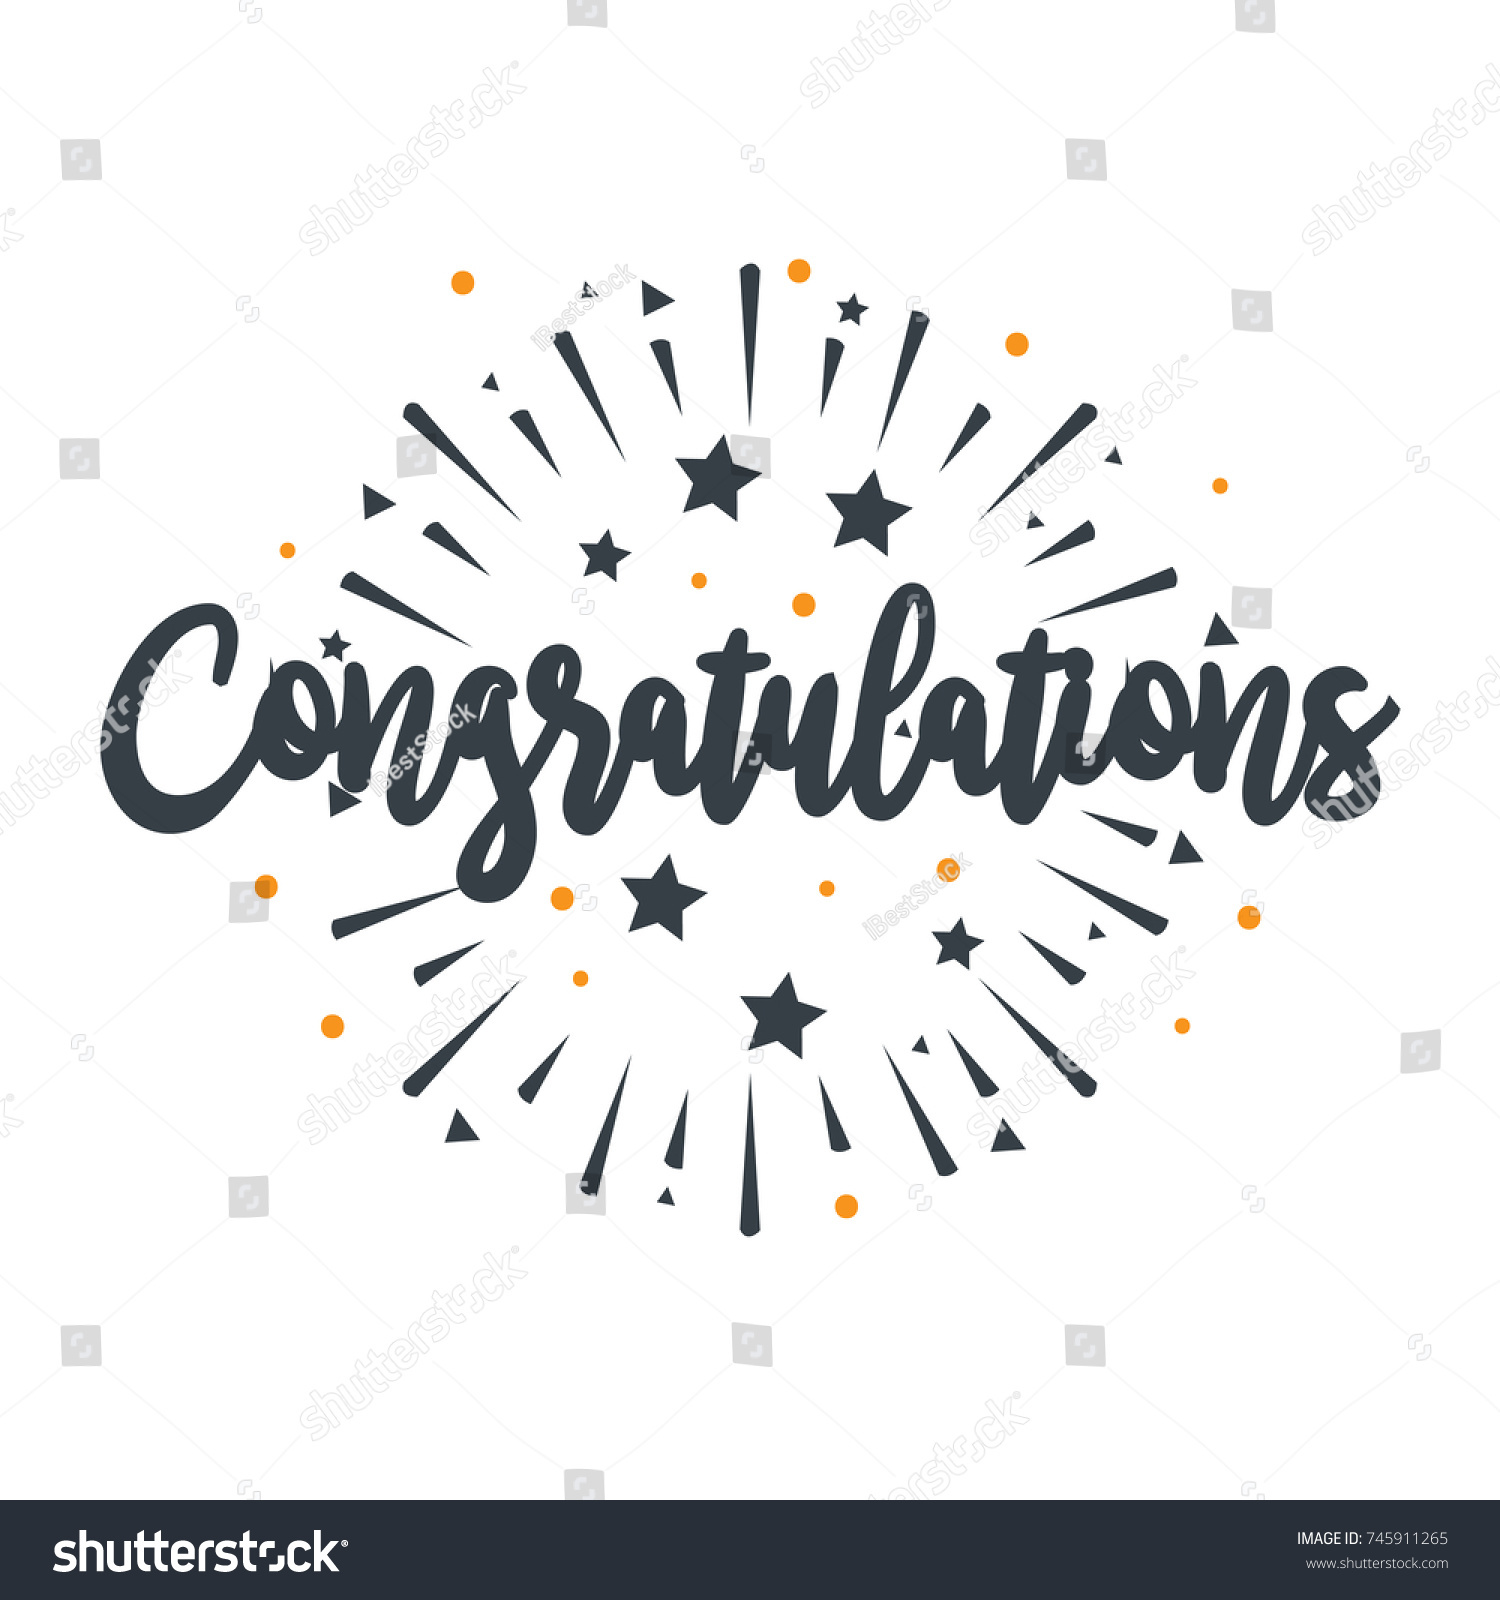 How to congratulate the original